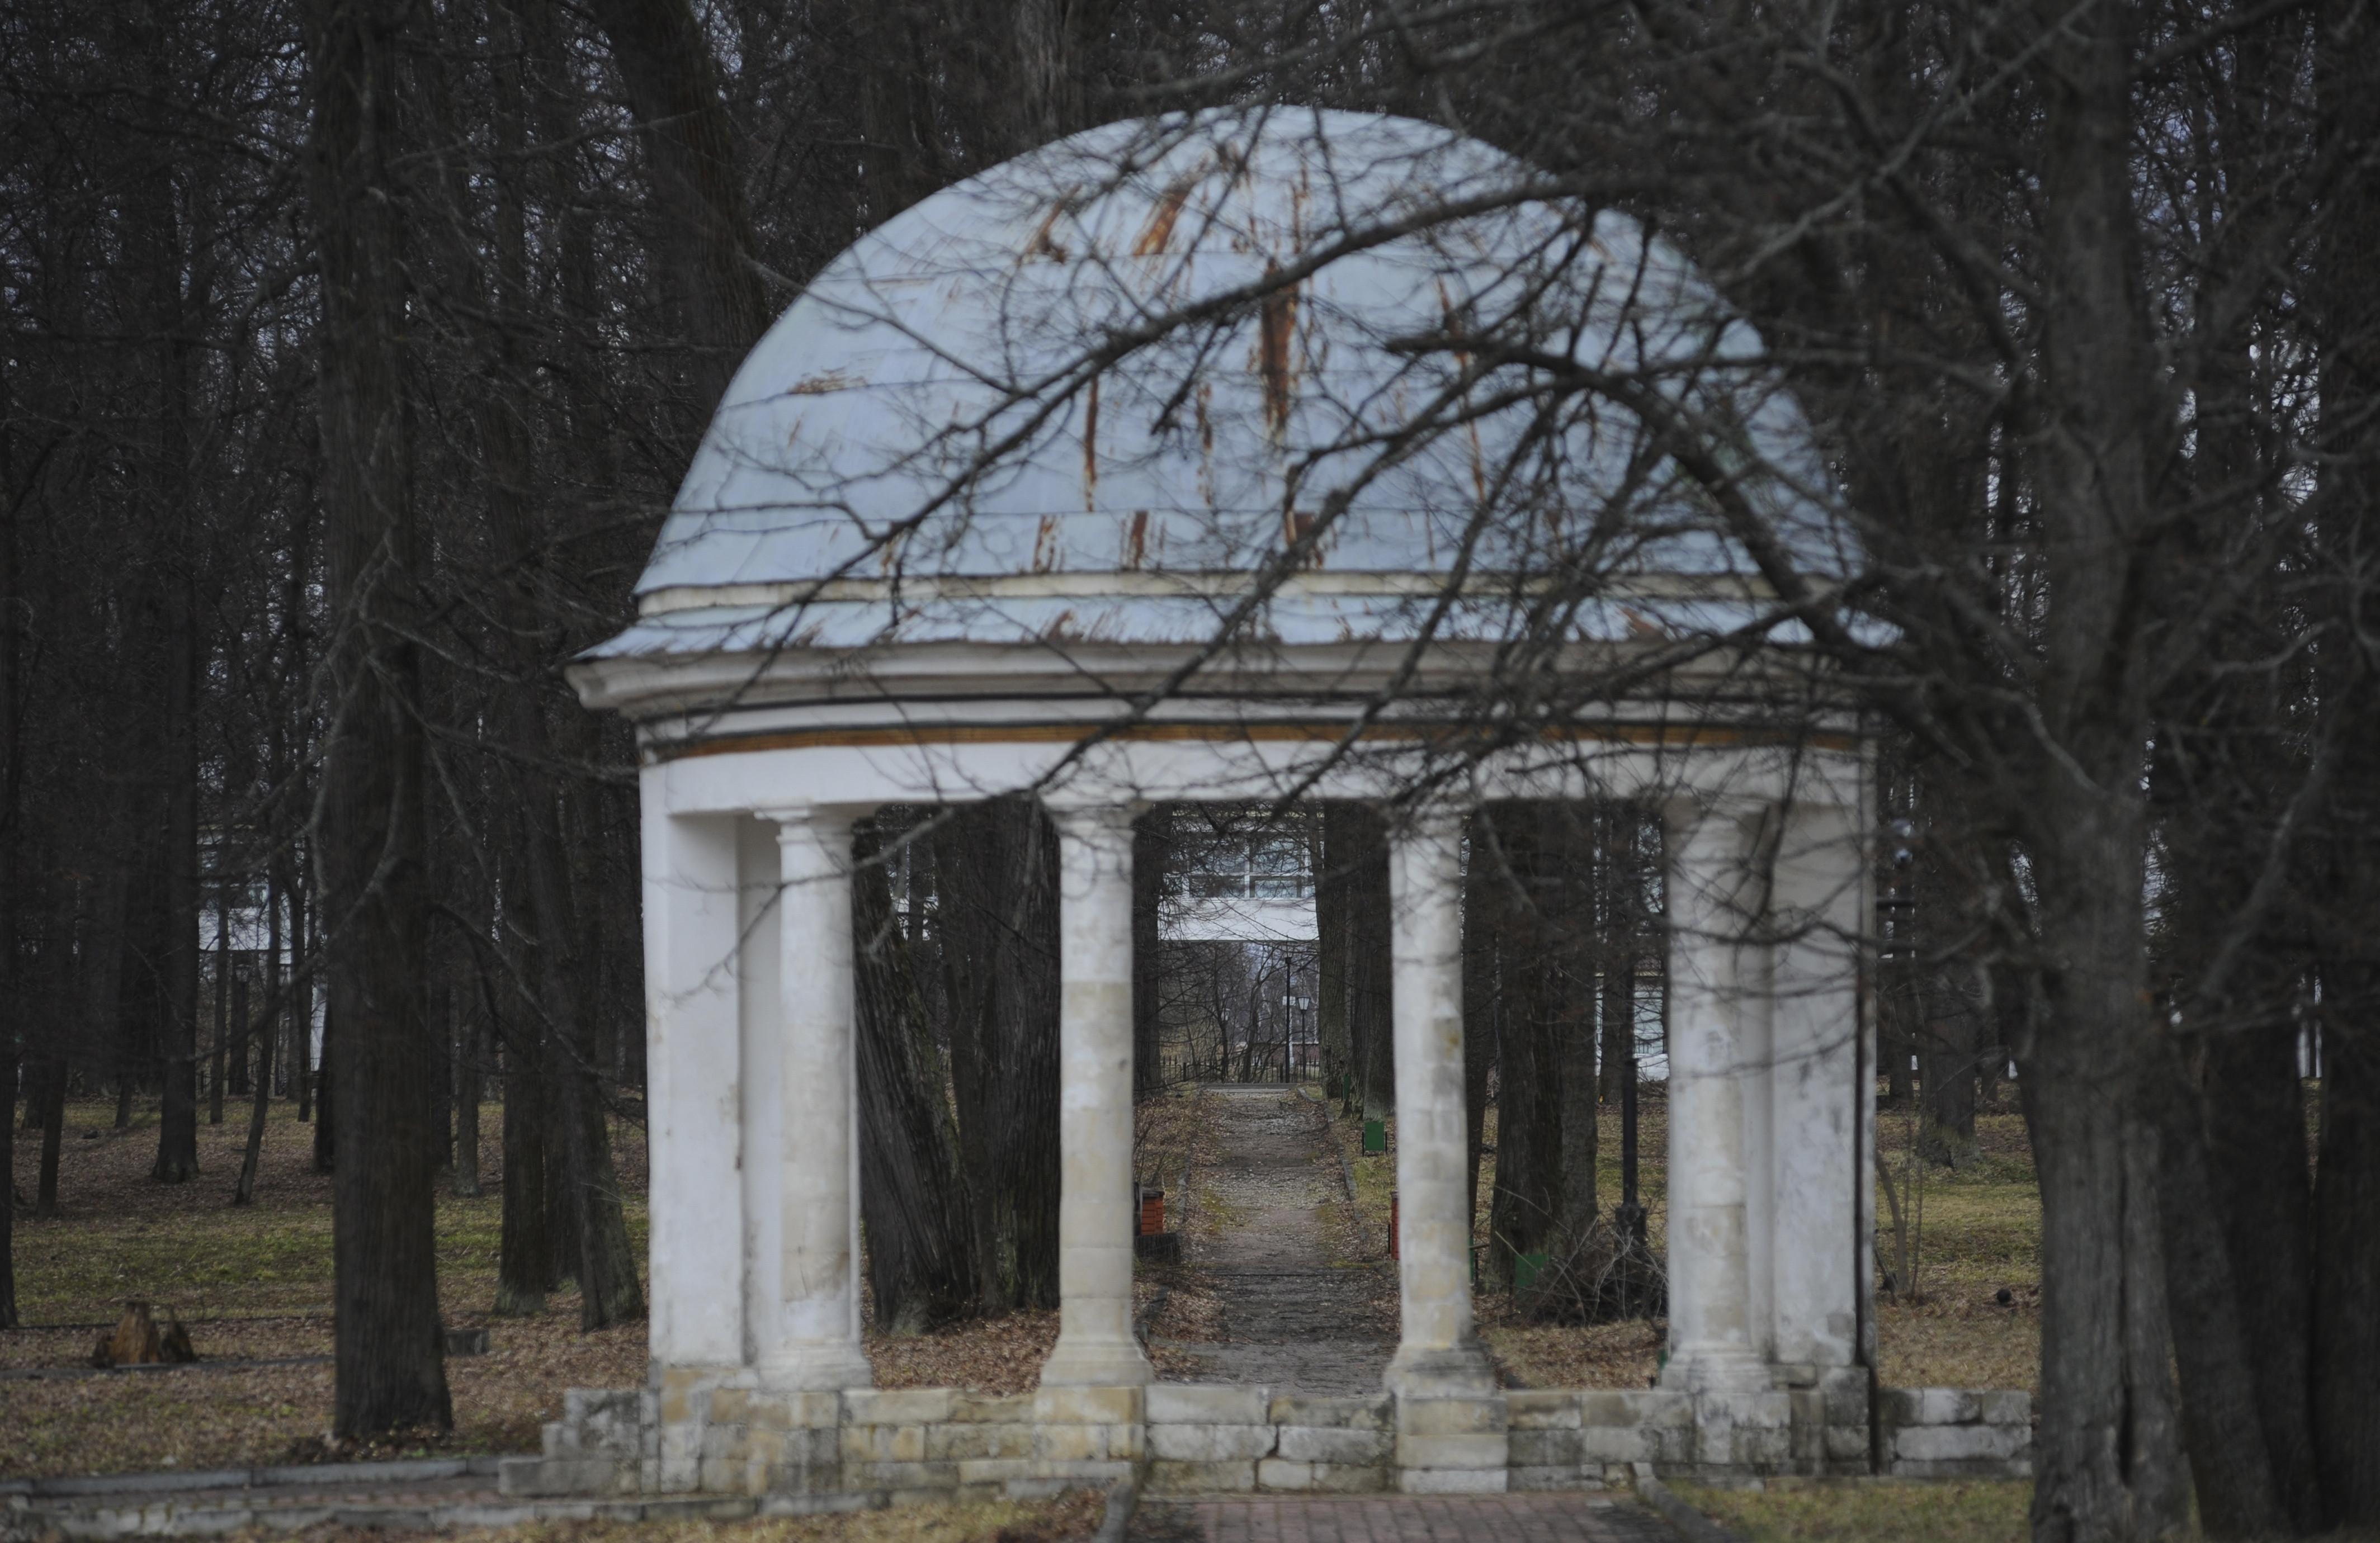 Беседка ротонда «Музыкальный павильон» в парке усадьбы Марфино